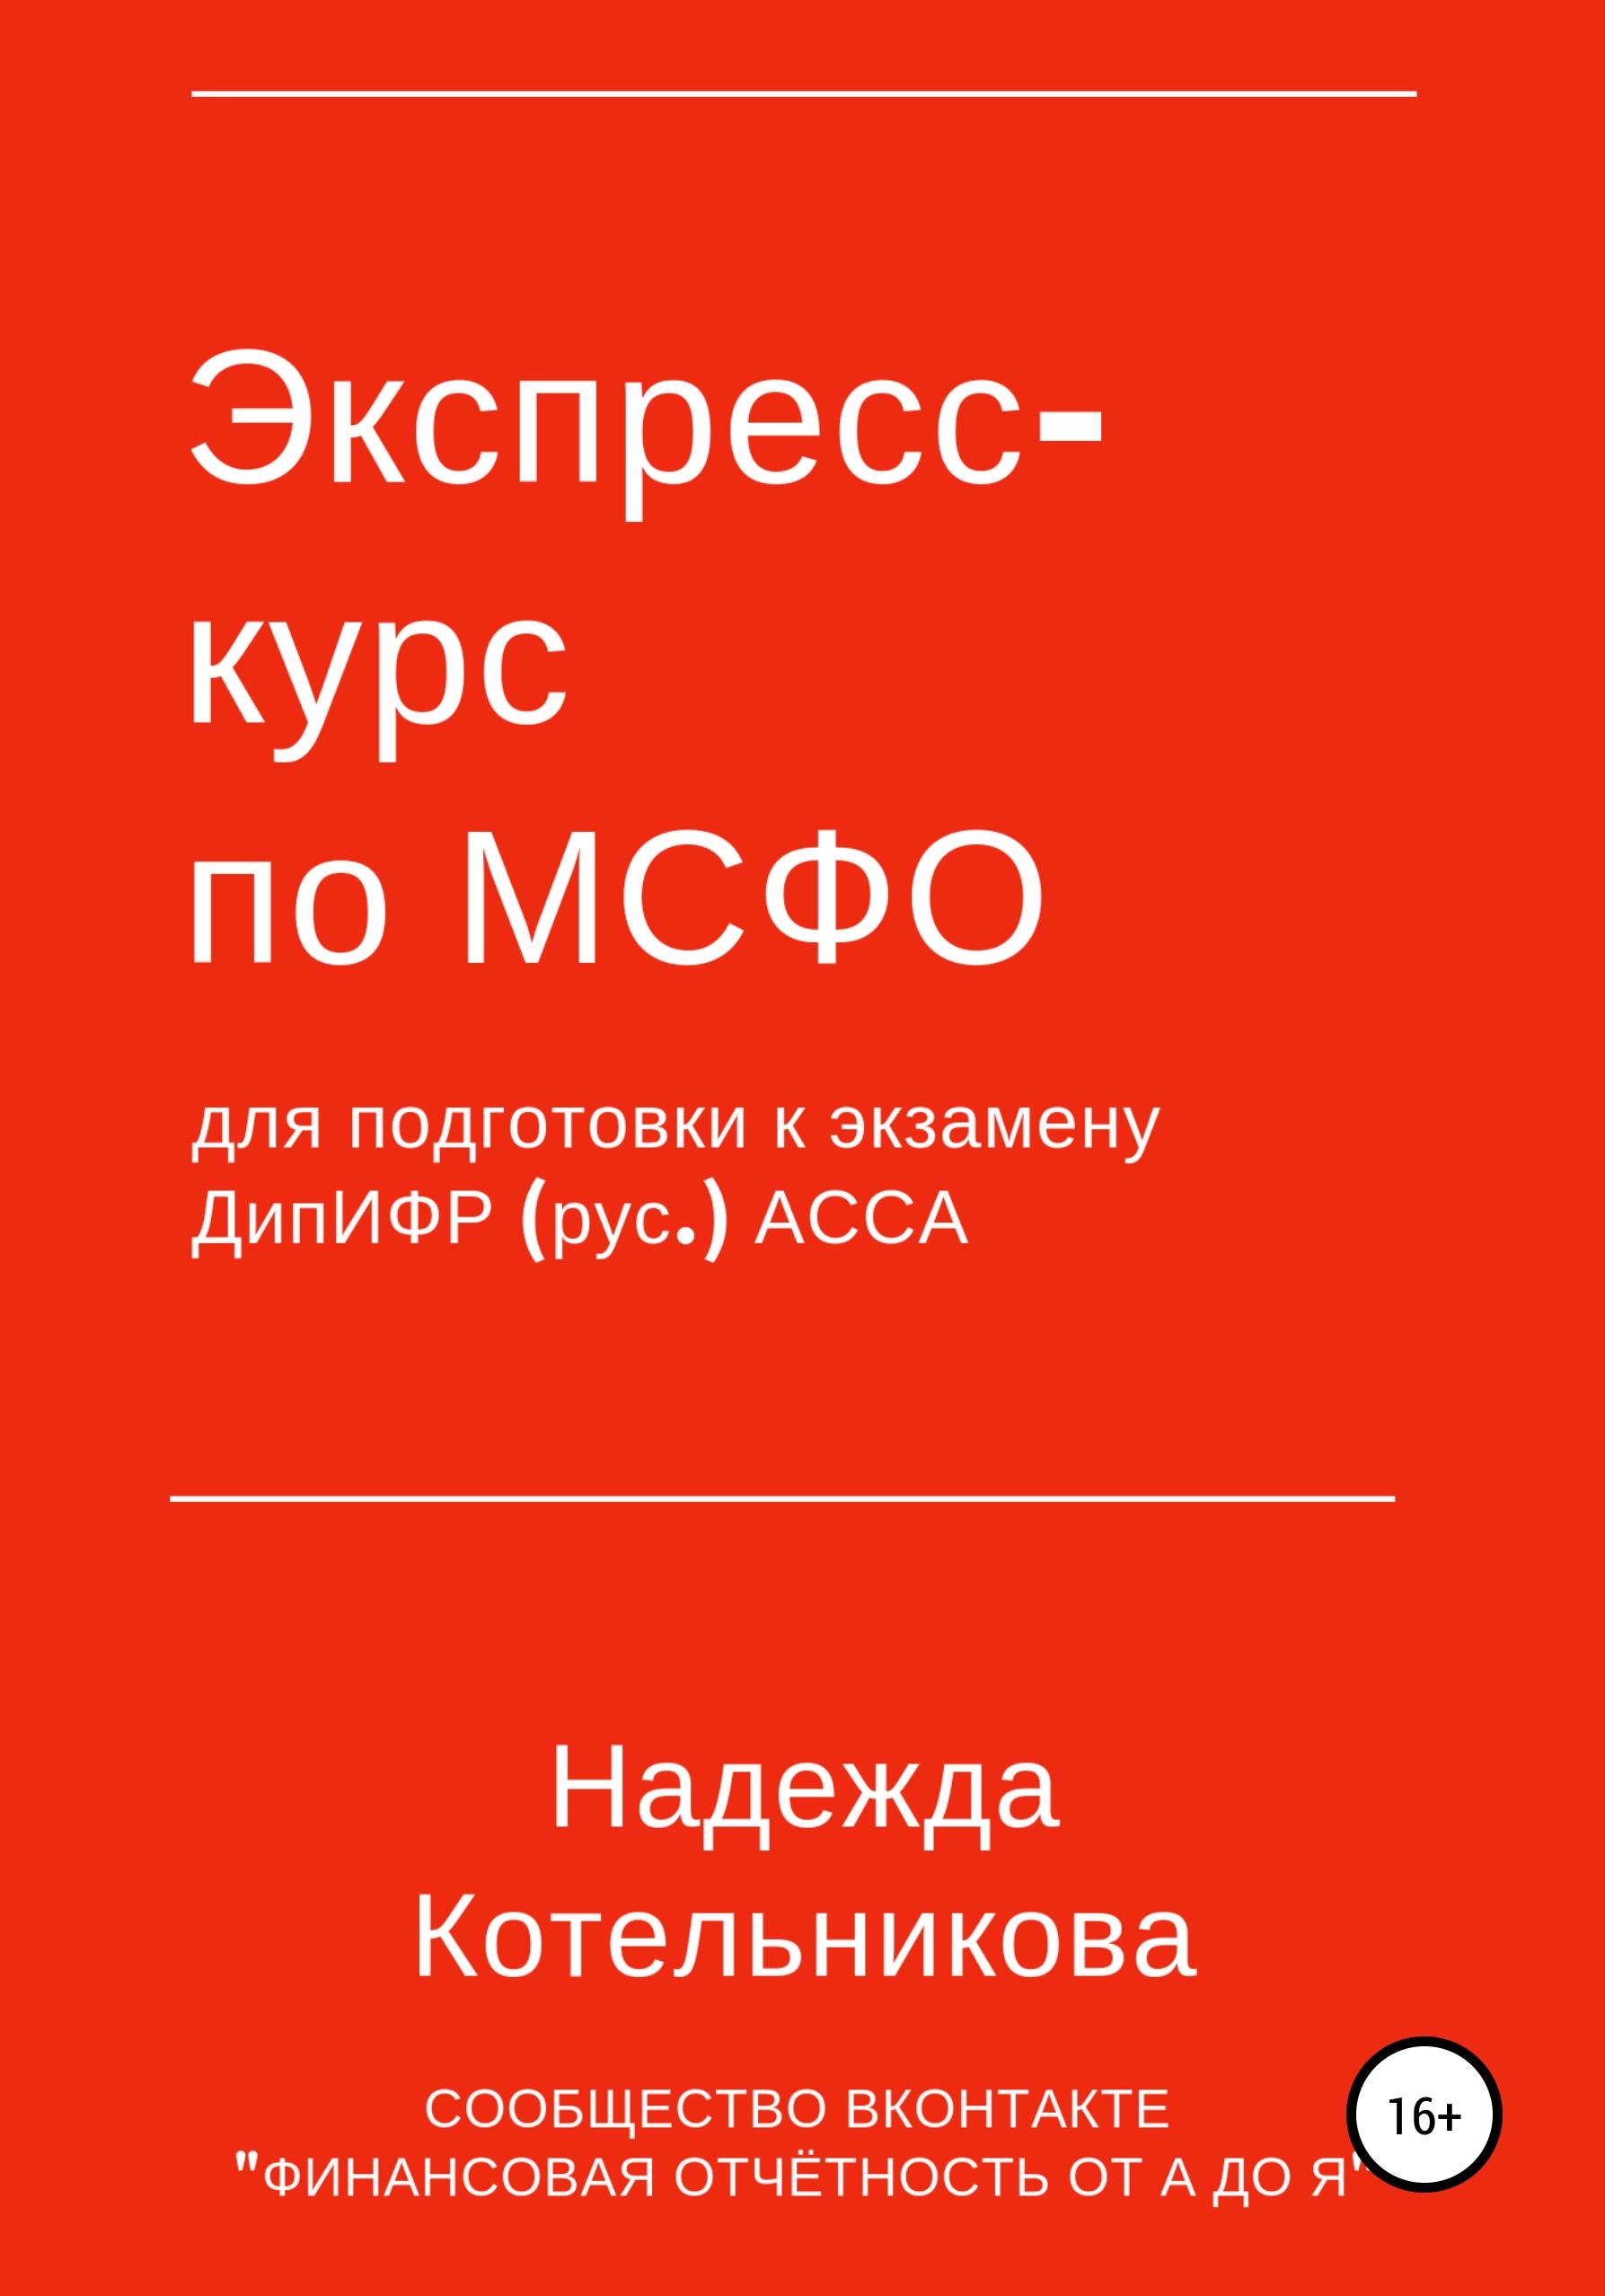 Обложка книги Экспресс-курс по МСФО для подготовки к экзамену ДипИФР